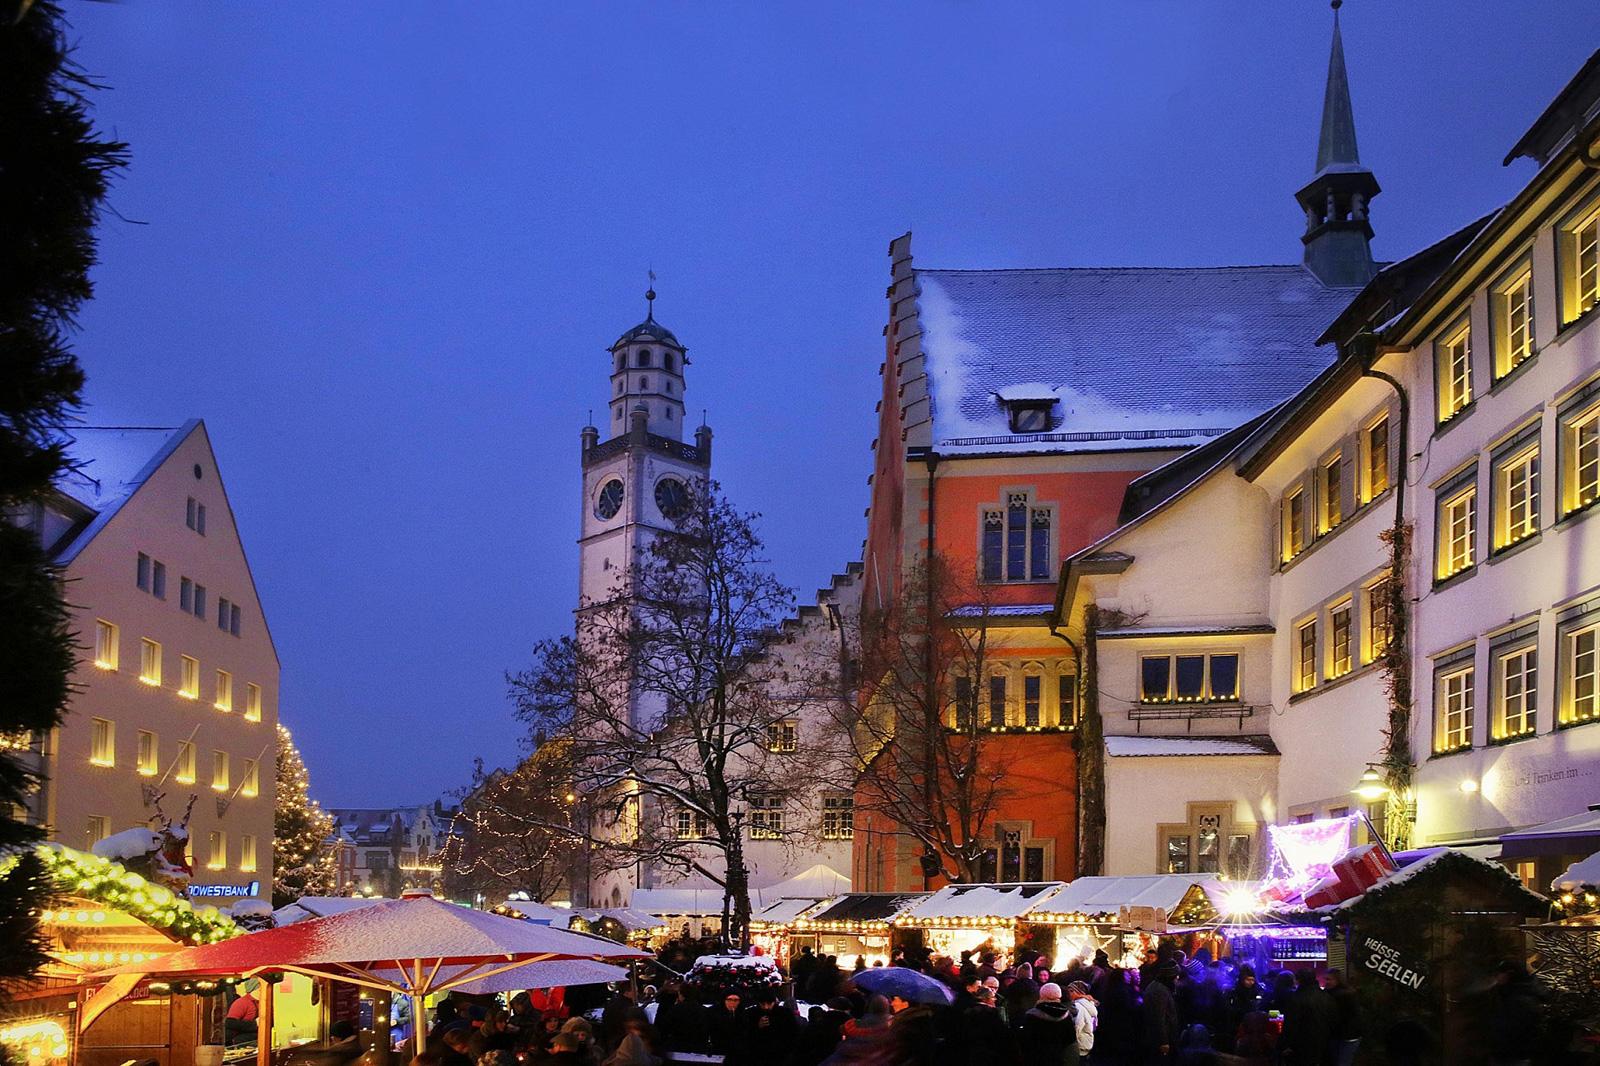 Flohmarkt In Ravensburg